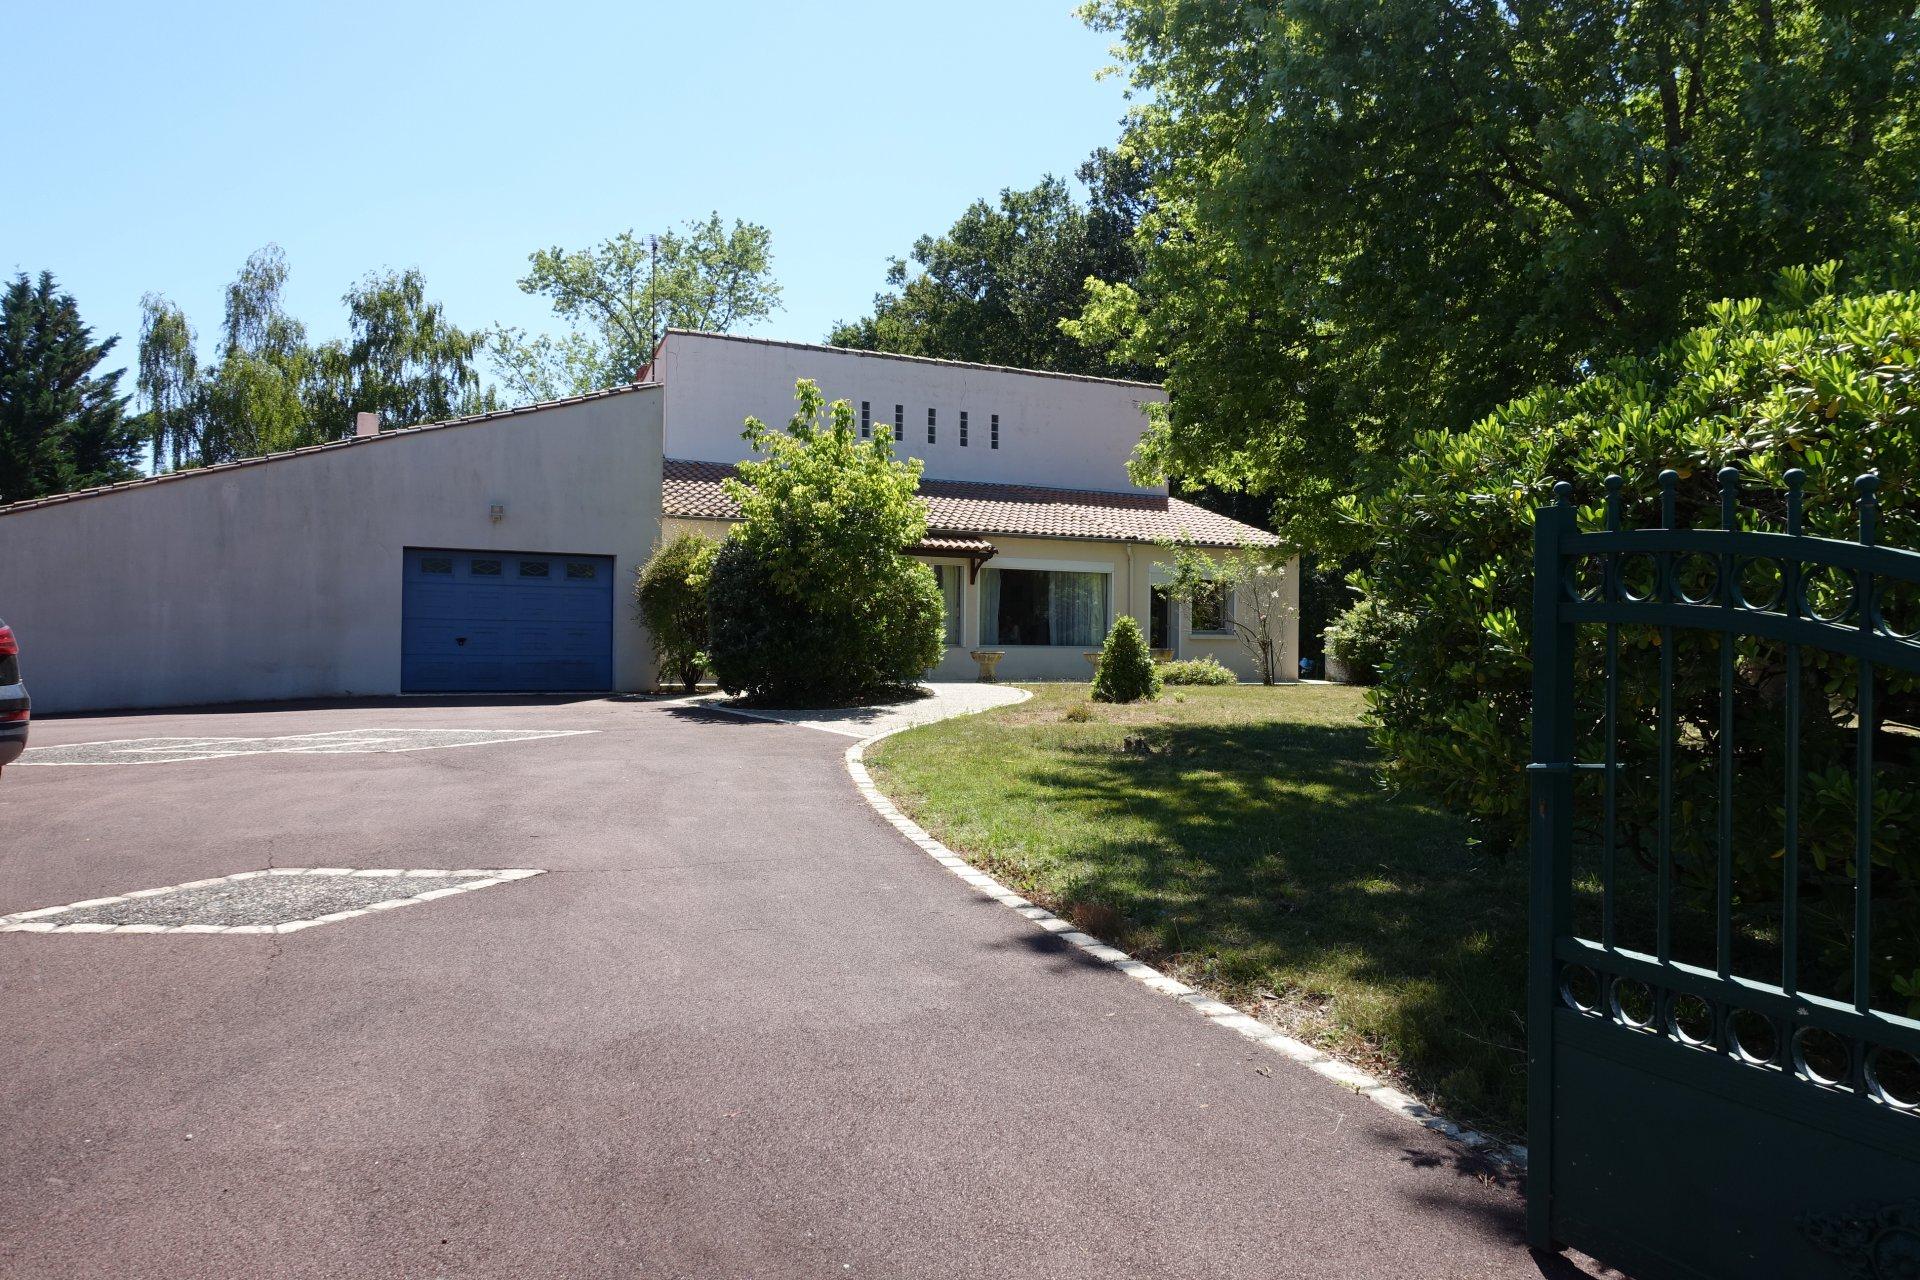 Maison Traditionnelle -  GOLF FONTCOUVERTE